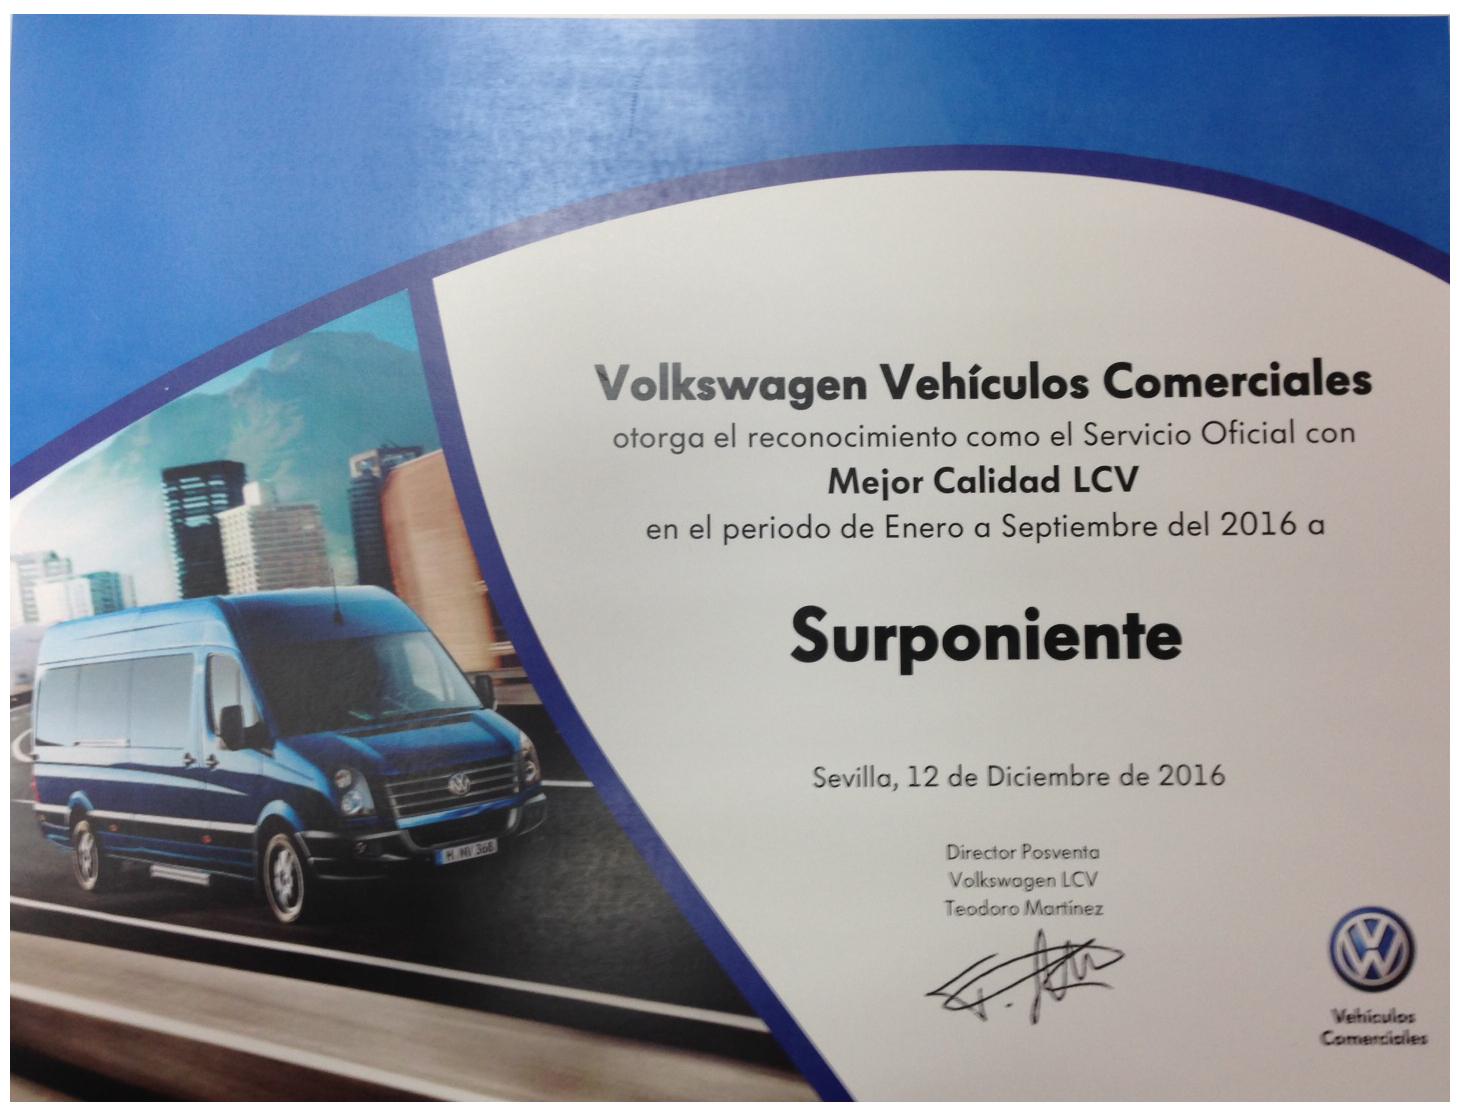 Surponiente Volkswagen Vehículos Comerciales en Almeria, SERVICIO OFICIAL con MEJOR CALIDAD.